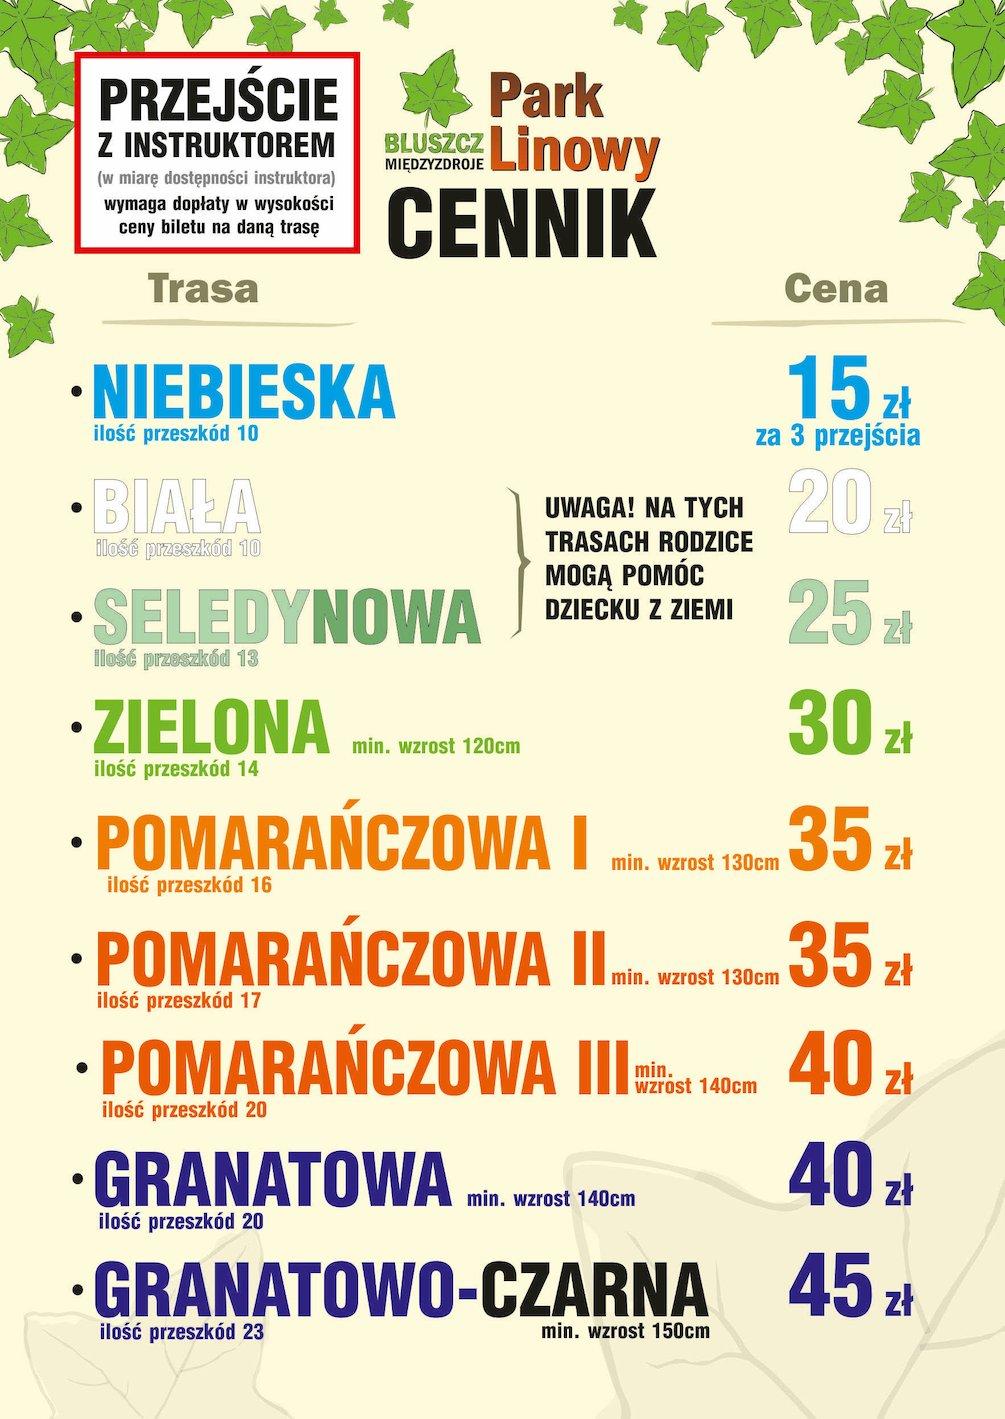 Cennik 2020 Park Linowy Bluszcz Międzyzdroje